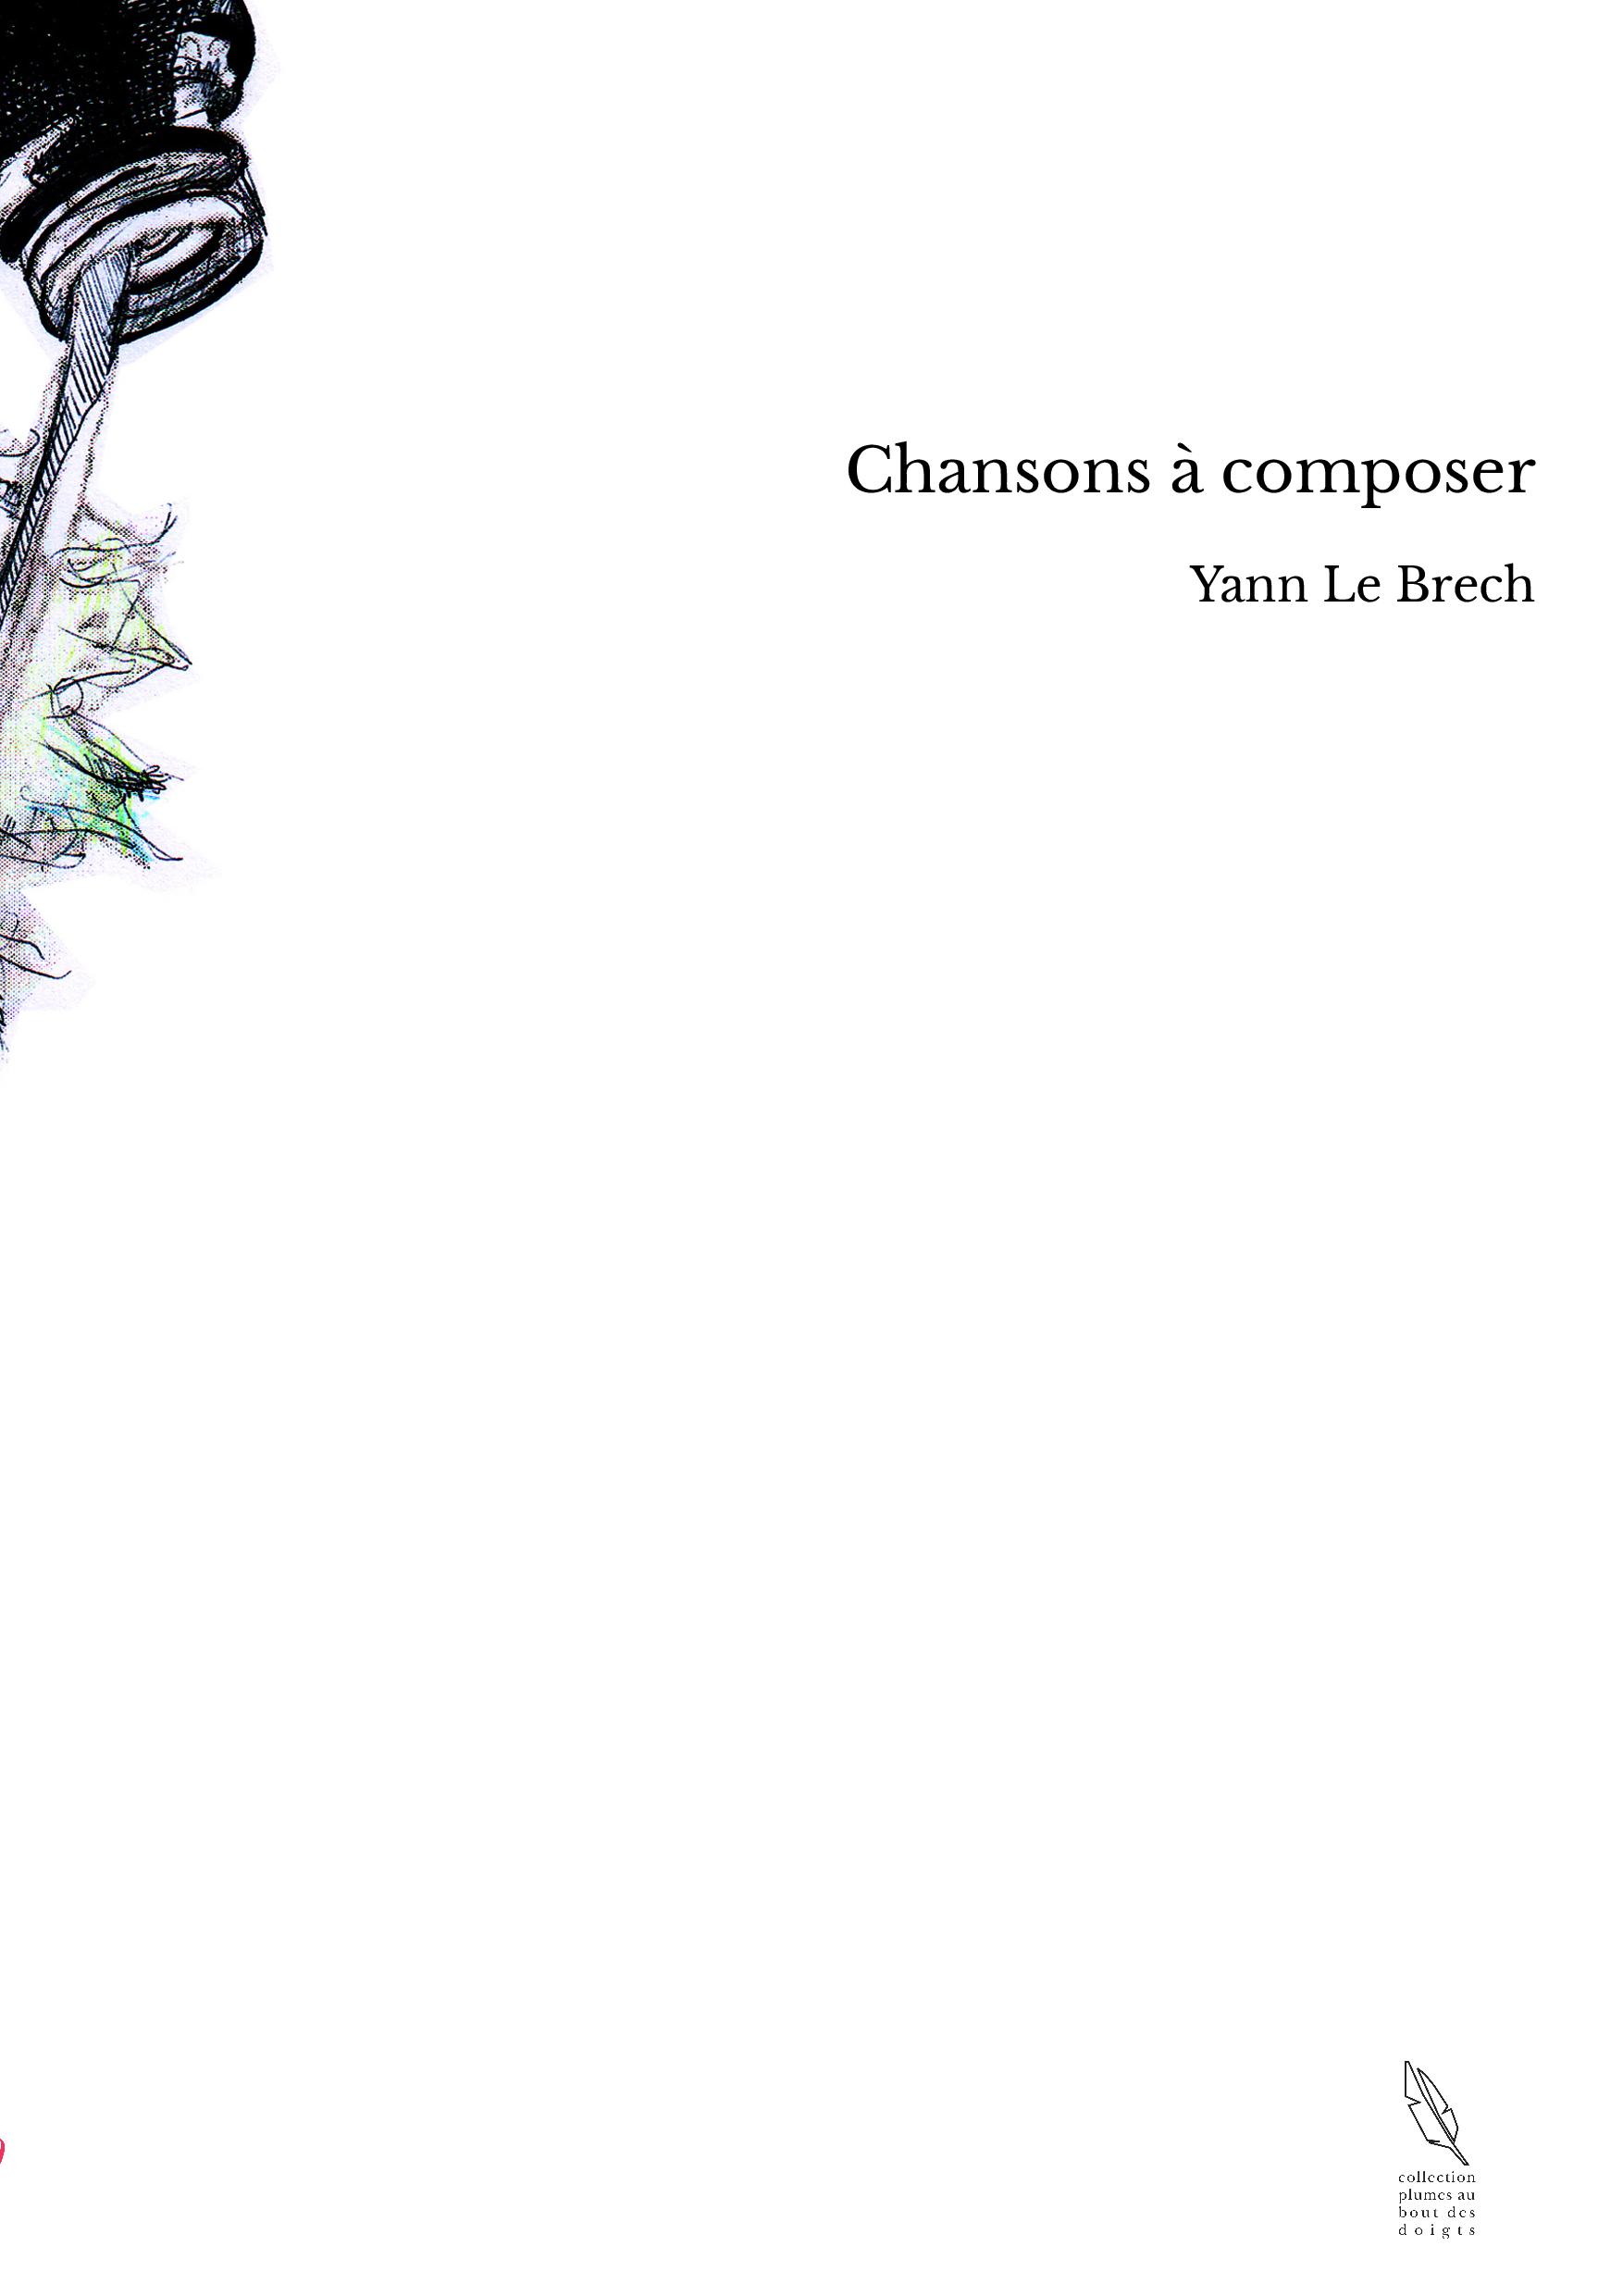 Chansons à composer